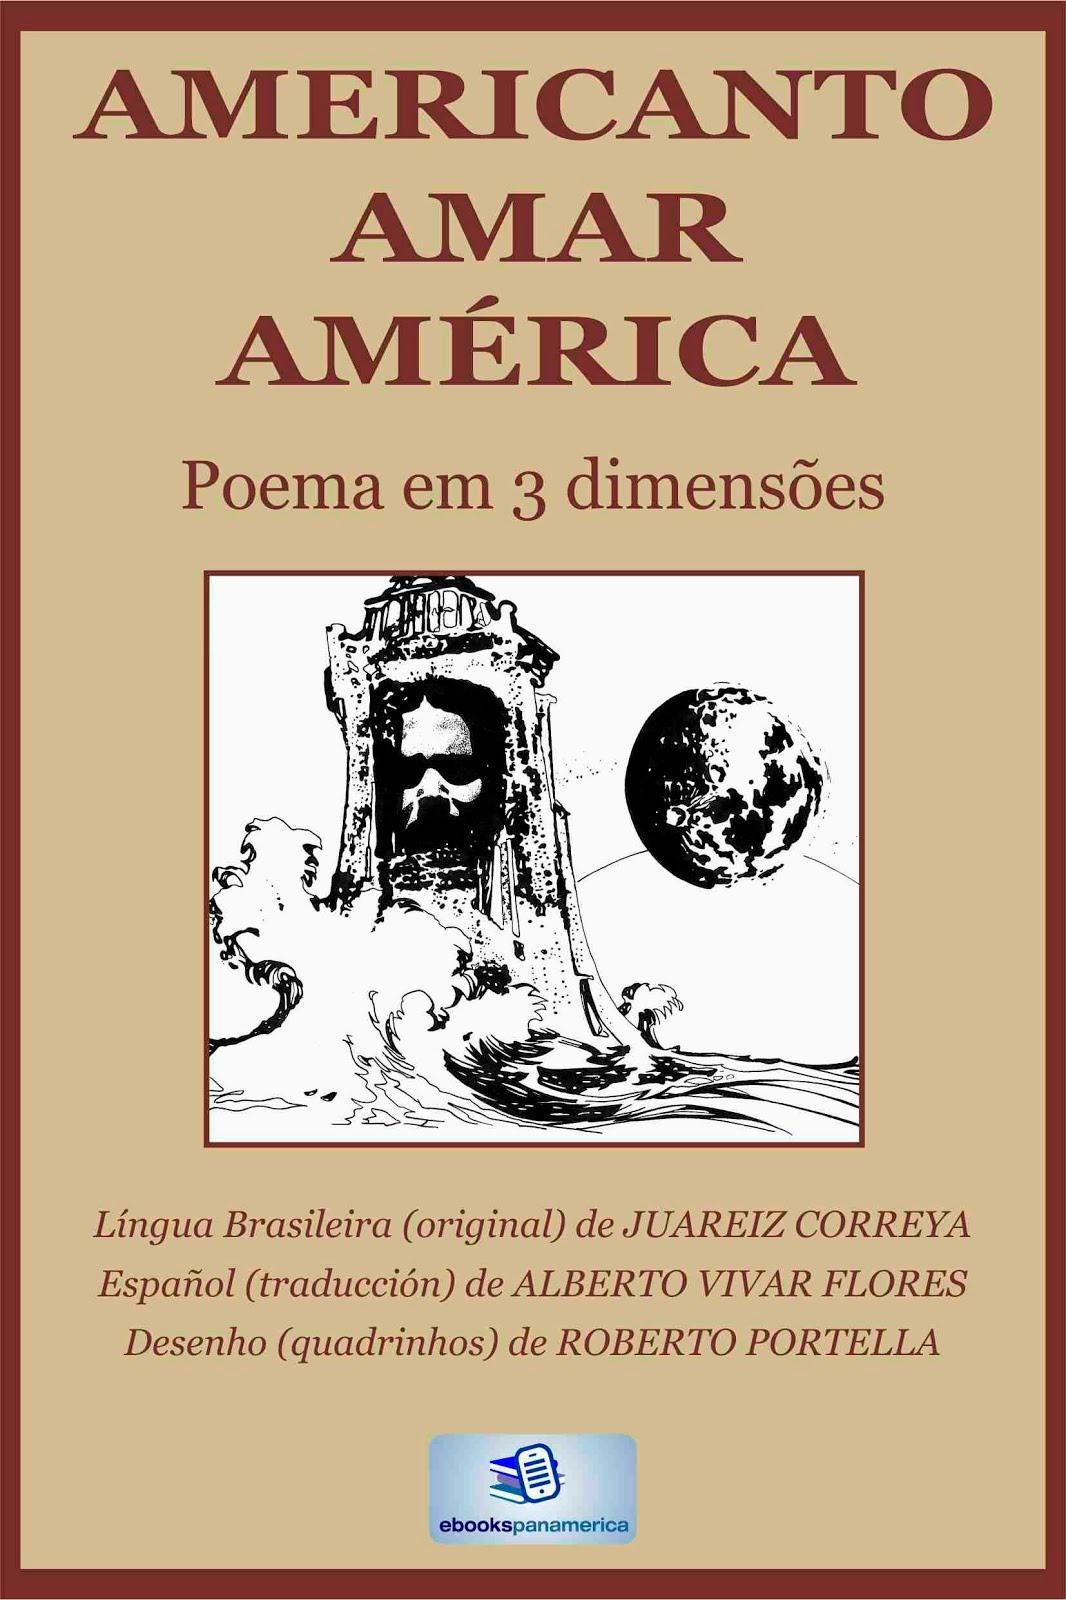 AMERICANTO AMAR AMÉRICA - Poema em 3 Dimensões